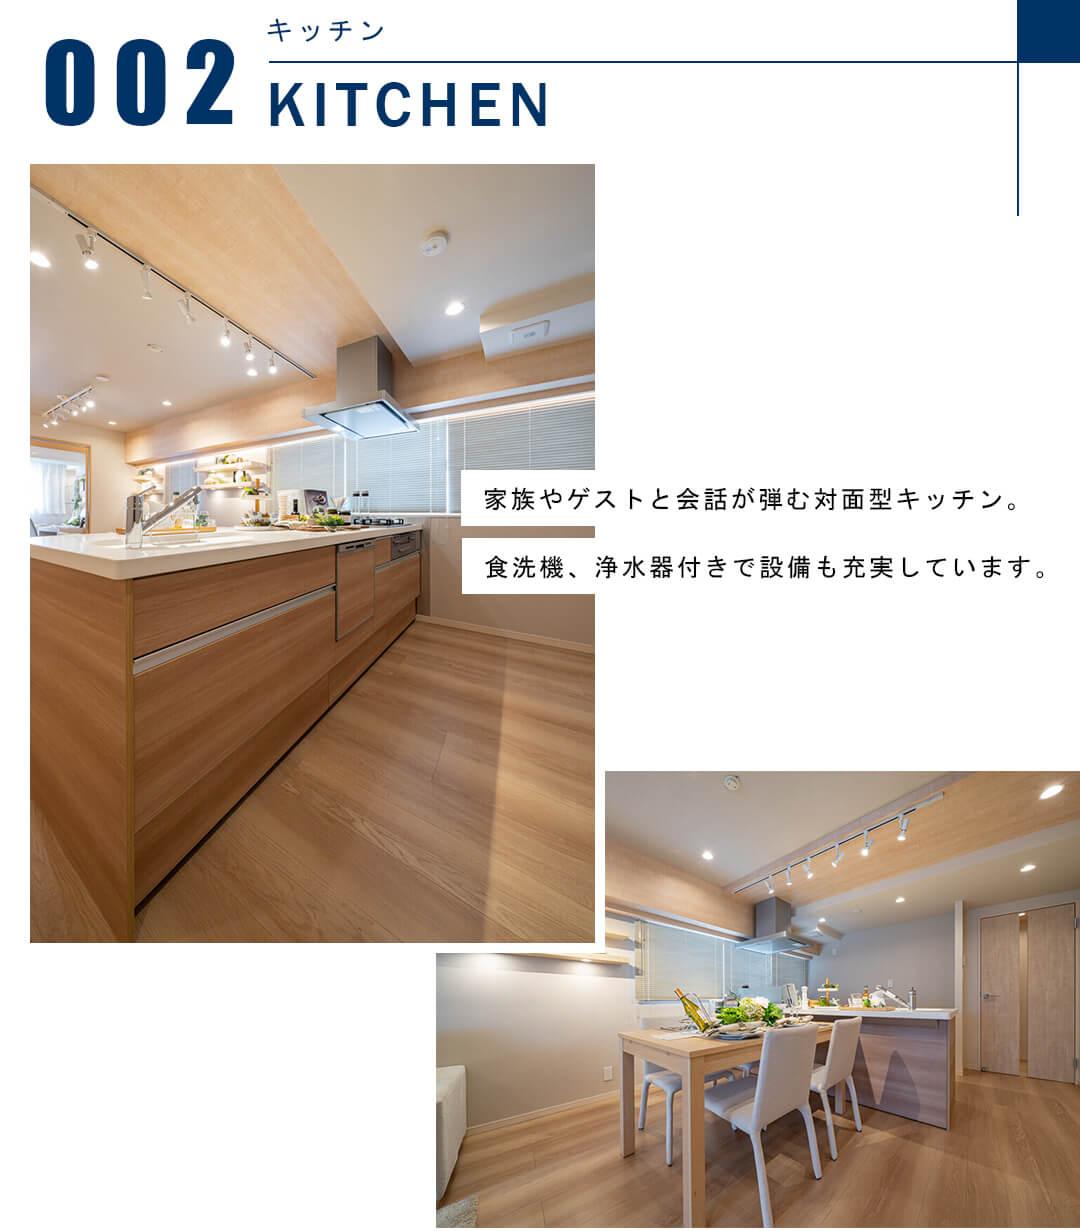 ユニーブル荏原のキッチン